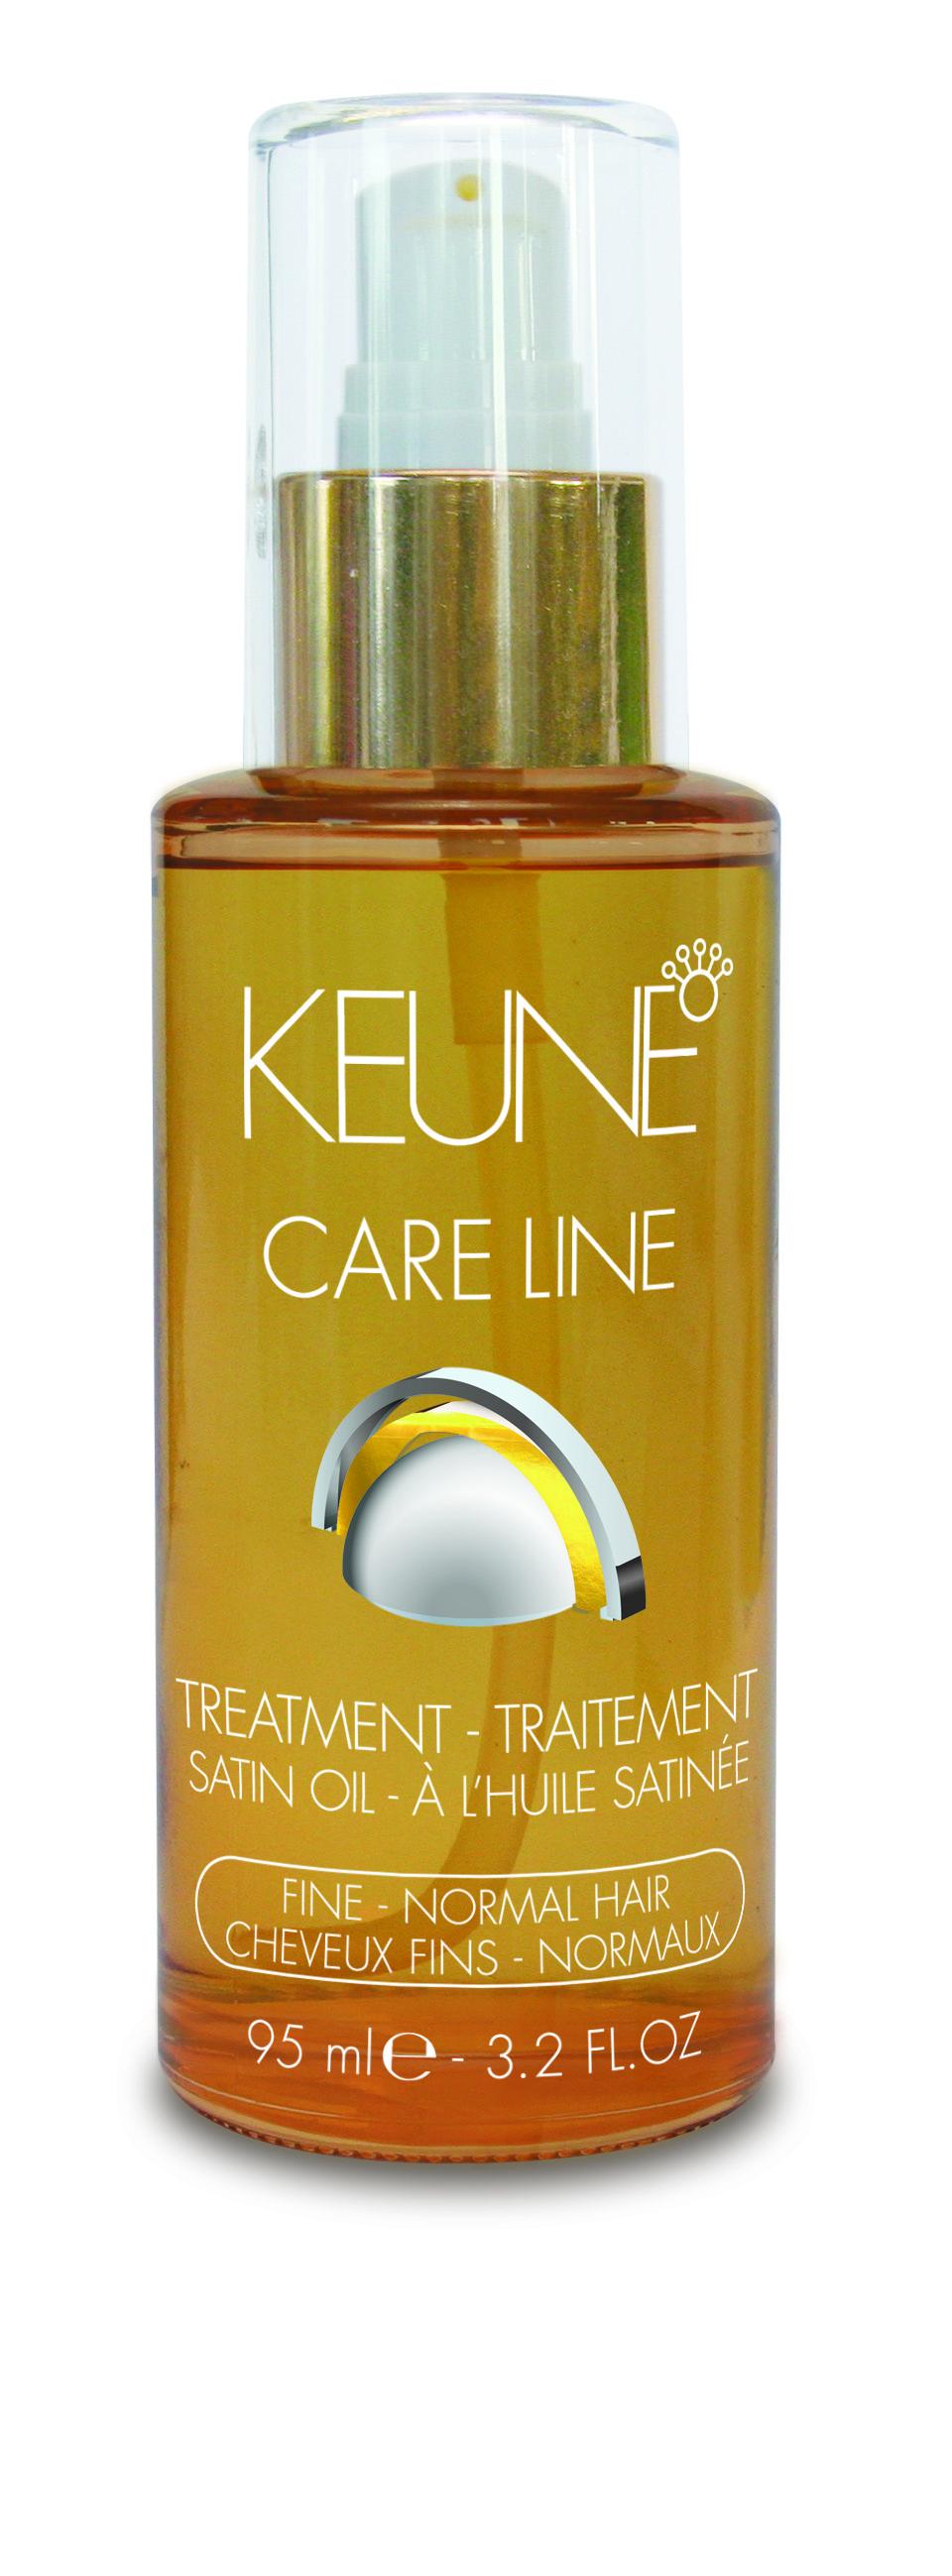 KEUNE Масло Кэе Лайн Шелковый уход / CL SATIN OIL TREATMENT FINE 95млМасла<br>Мягкий невесомый коктейль масел, который разглаживает увлажняет &amp;nbsp;волосы, придавая им сияющий блеск. Можно добавлять к другим продуктам по уходу для обогащения их питательными веществами или наносить на сухие или влажные волосы. Инновационная формула придает волосам здоровый вид, блеск, мягкость, сияние, а также прекрасно увлажняет волосы изнутри. Результат - сильные, здоровые и шелковистые волосы. Активные ингредиенты: масло маракуйи, масло сладкого миндаля, масло маной, масло янгу. Способ применения: Кондиционер: нанести на просушенные полотенцем волосы и не смывать в течении 5-10 минут, после тщательно промыть шампунем Care Line Satin Oil. Ночной Несмываемый Кондиционер: нанести на просушенные полотенцем волосы и оставить на ночь. На следующий день тщательно промыть шампунем Care Line Satin Oil. Маска Супер Сияние: экстра восстановление и блеск. Смешать несколько капель с кондиционером Care Line Satin Oil, оставить на 5-10 минут, после тщательно промыть. Защита Волос: несколько капель на сухие или просушенные полотенцем волосы защищают от теплового воздействия. Стильное Завершение: несколько капель добавленные в ежедневный продукт для стайлинга   забота о секущихся кончиках и придание им блеска.<br><br>Вид средства для волос: Несмываемый<br>Назначение: Секущиеся кончики<br>Время применения: Ночной